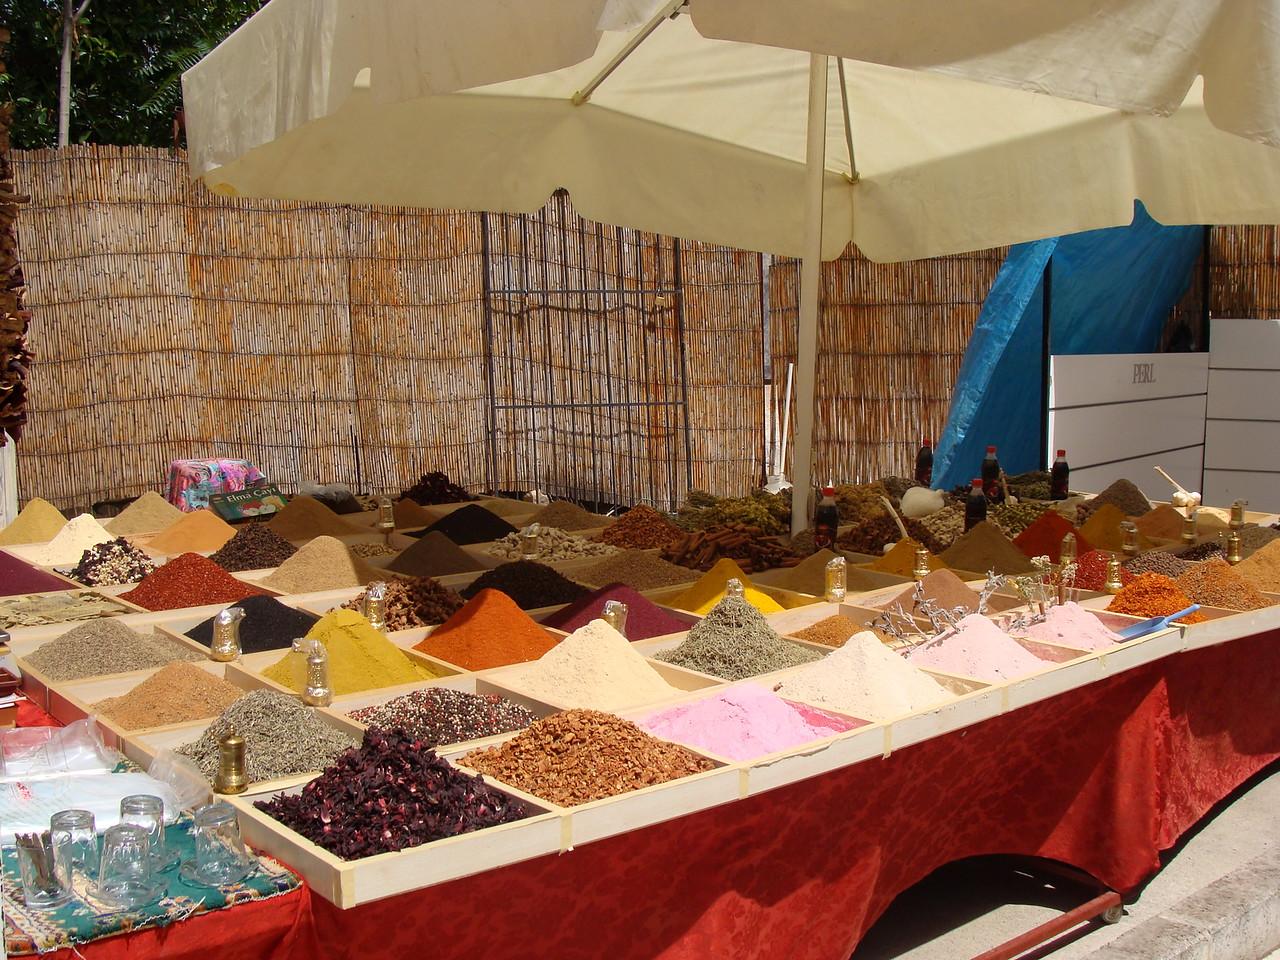 Outdoor Spice Shop